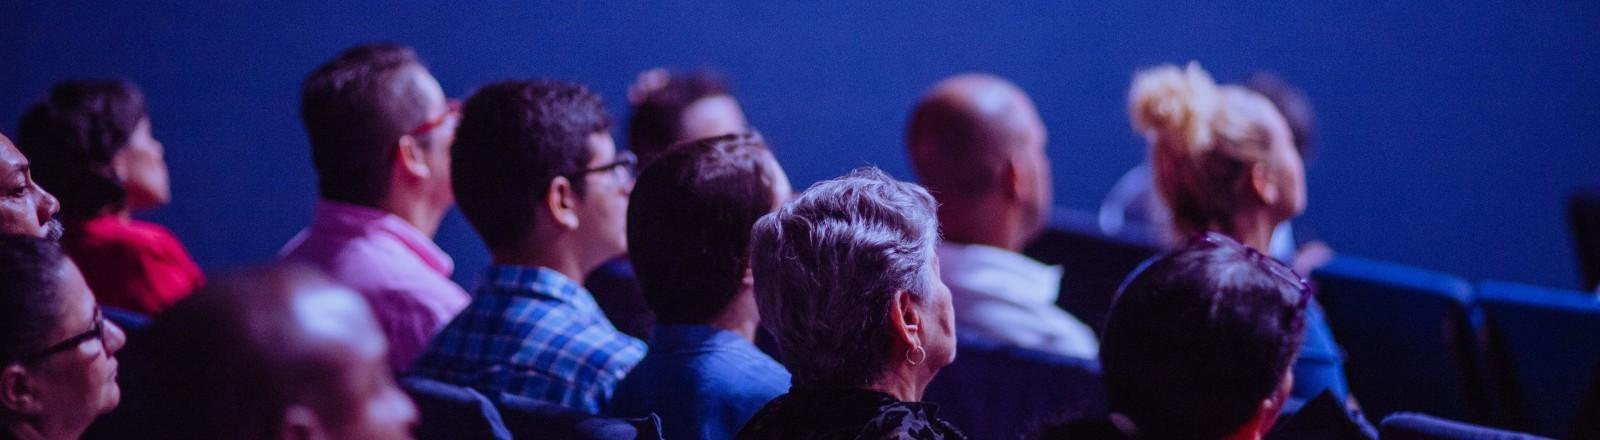 Ein Publikum sitzt in einem blauen Raum